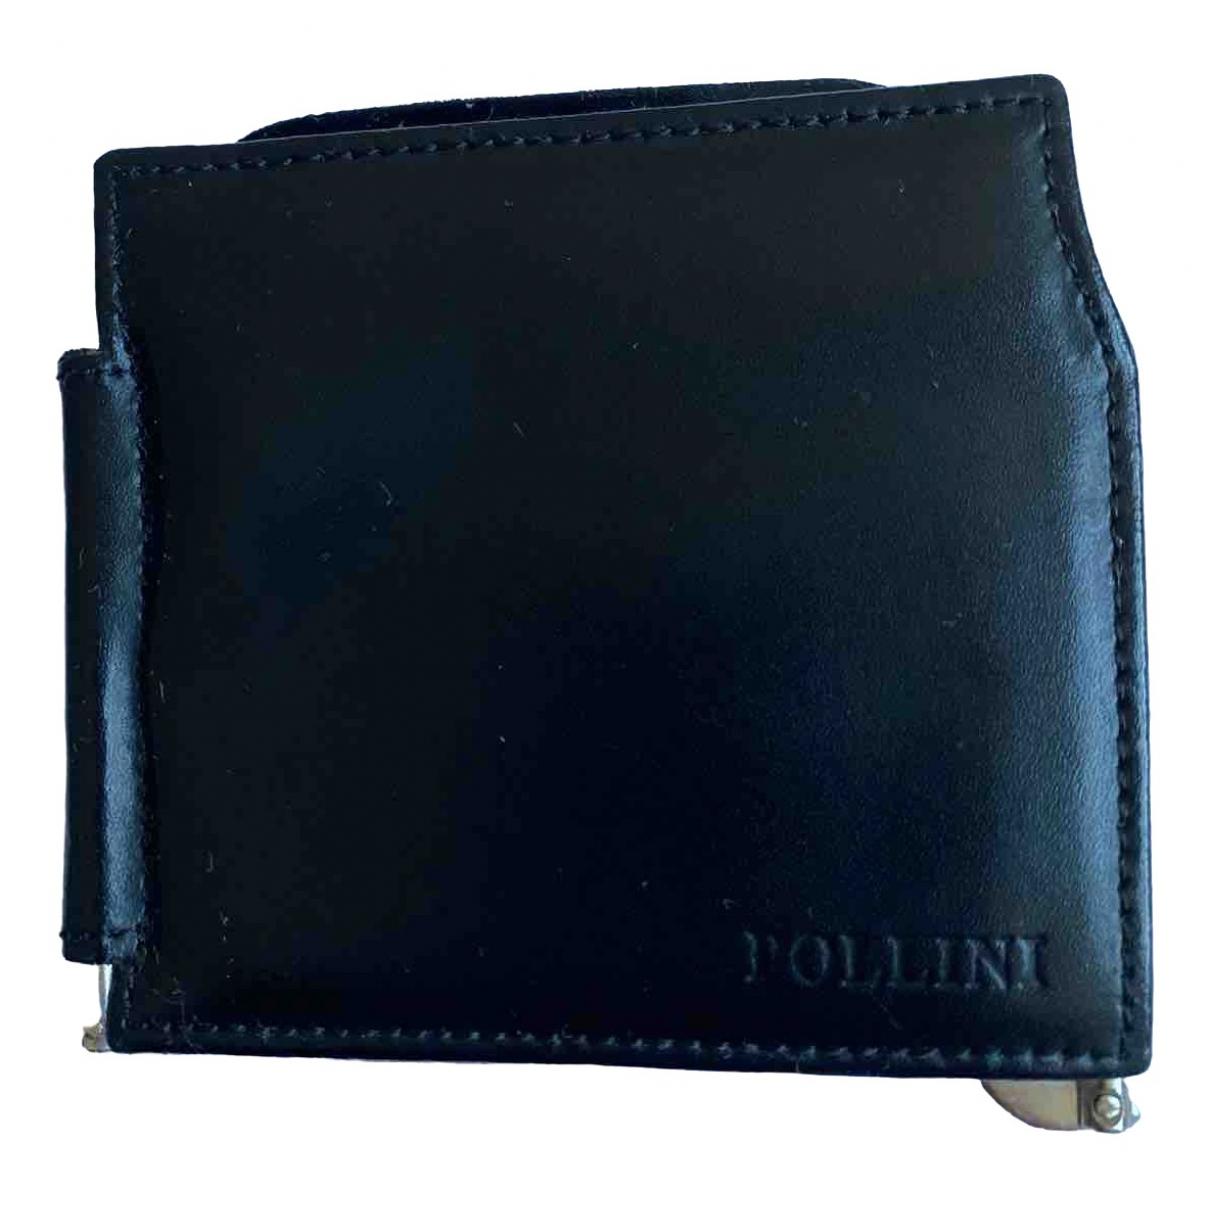 Pollini - Petite maroquinerie   pour homme en cuir - noir